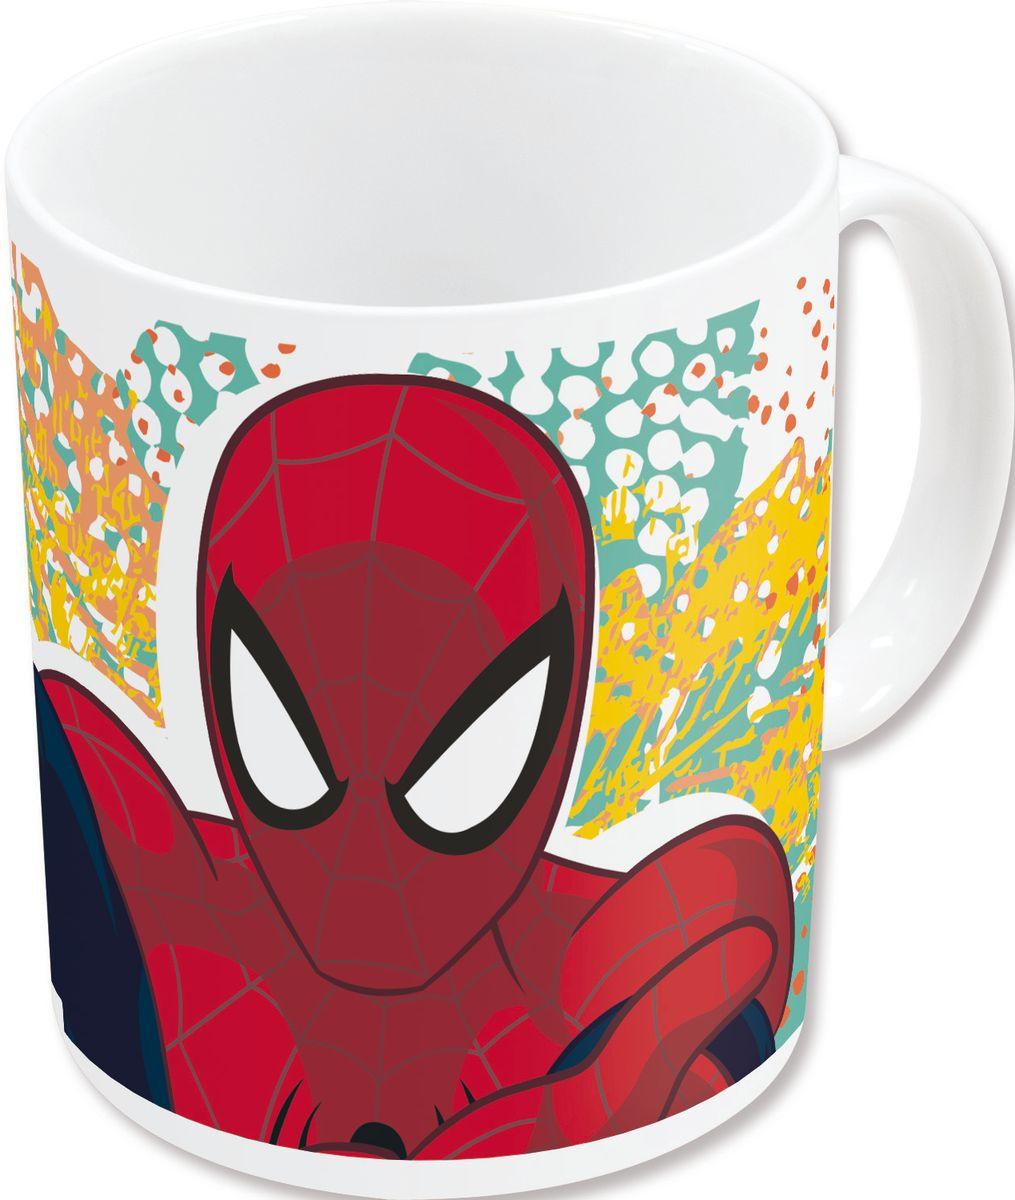 Stor Кружка детская Великий Человек-паук 220 мл в подарочной упаковке